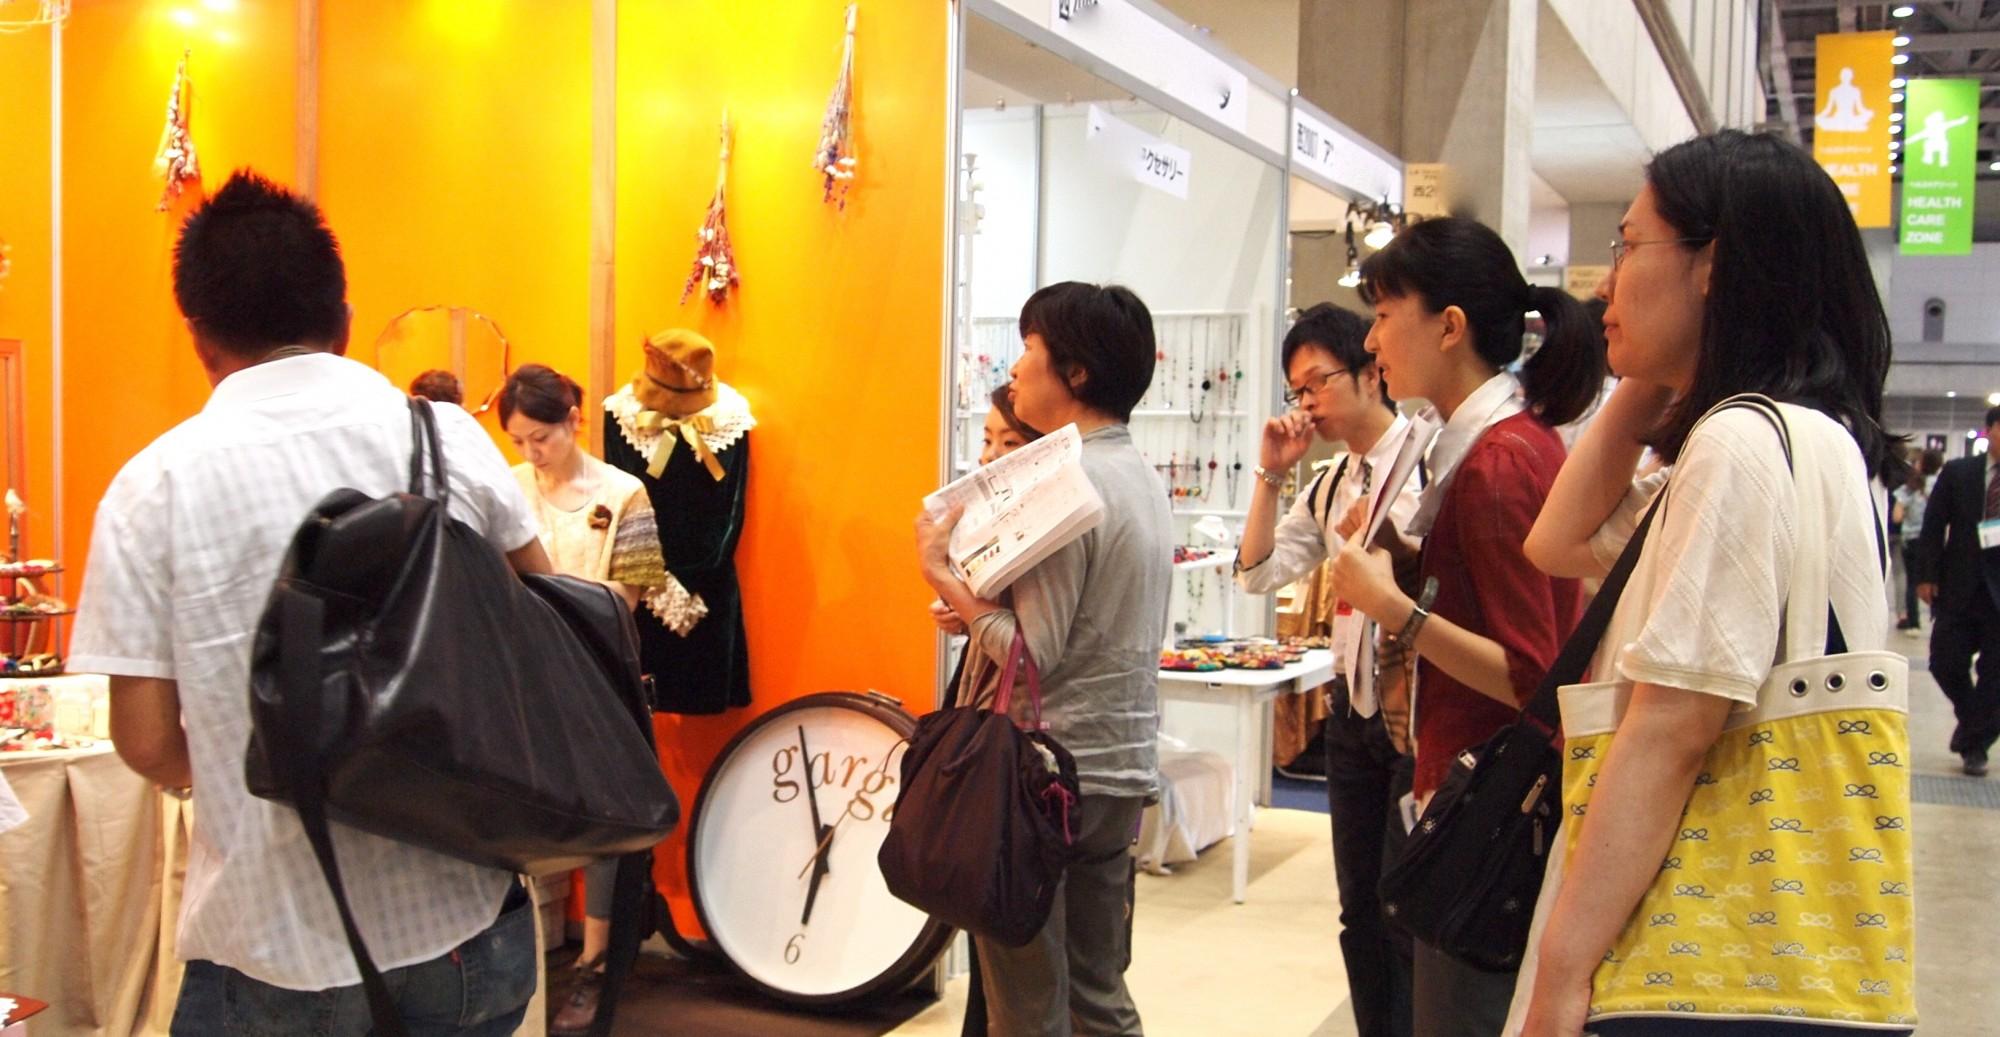 1日雑貨セミナー「雑貨店の開業、経営のポイント」と相談タイム